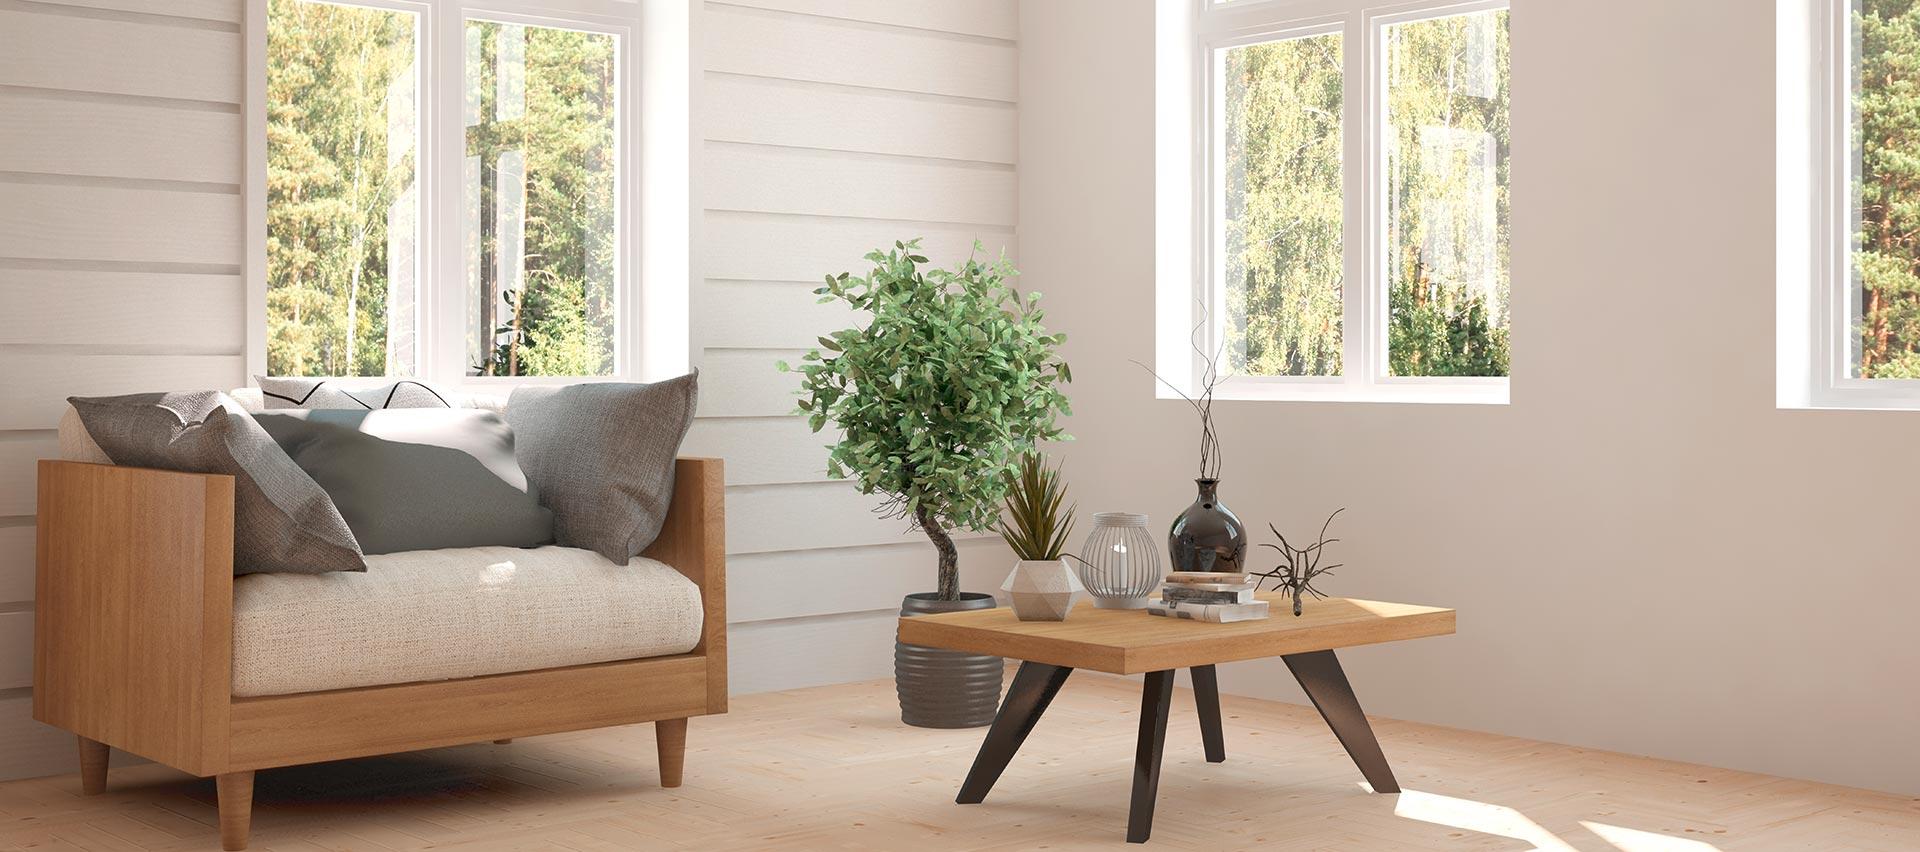 Echtholzpaneele weiß bei Holz-Hauff in Leingarten